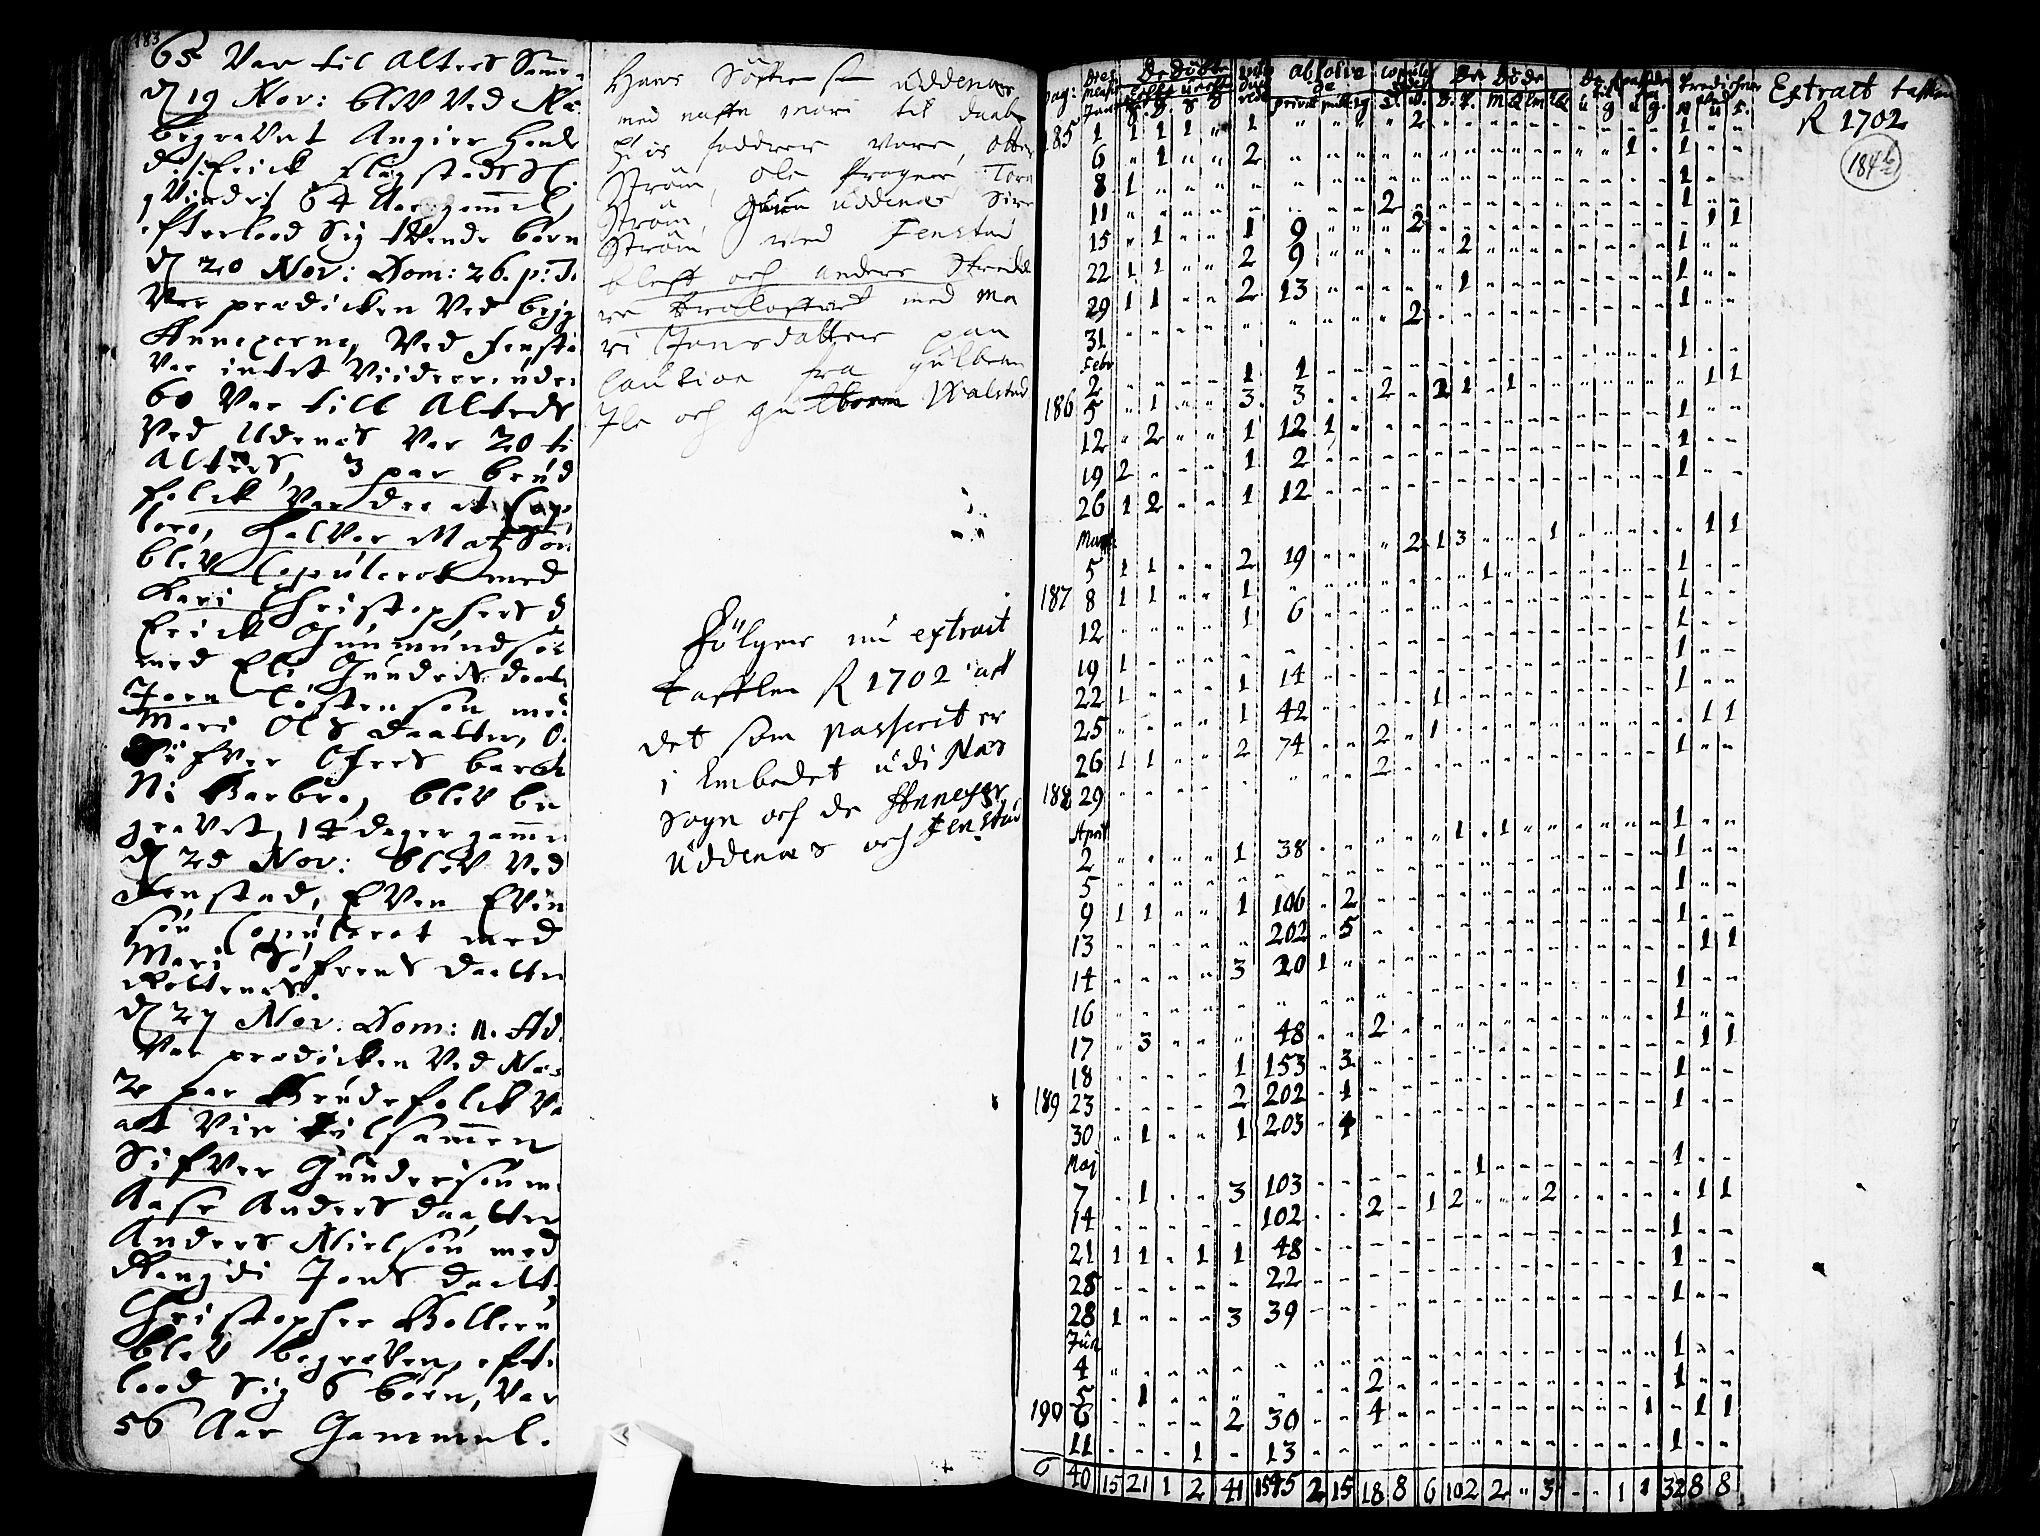 SAO, Nes prestekontor Kirkebøker, F/Fa/L0001: Ministerialbok nr. I 1, 1689-1716, s. 184a-184b